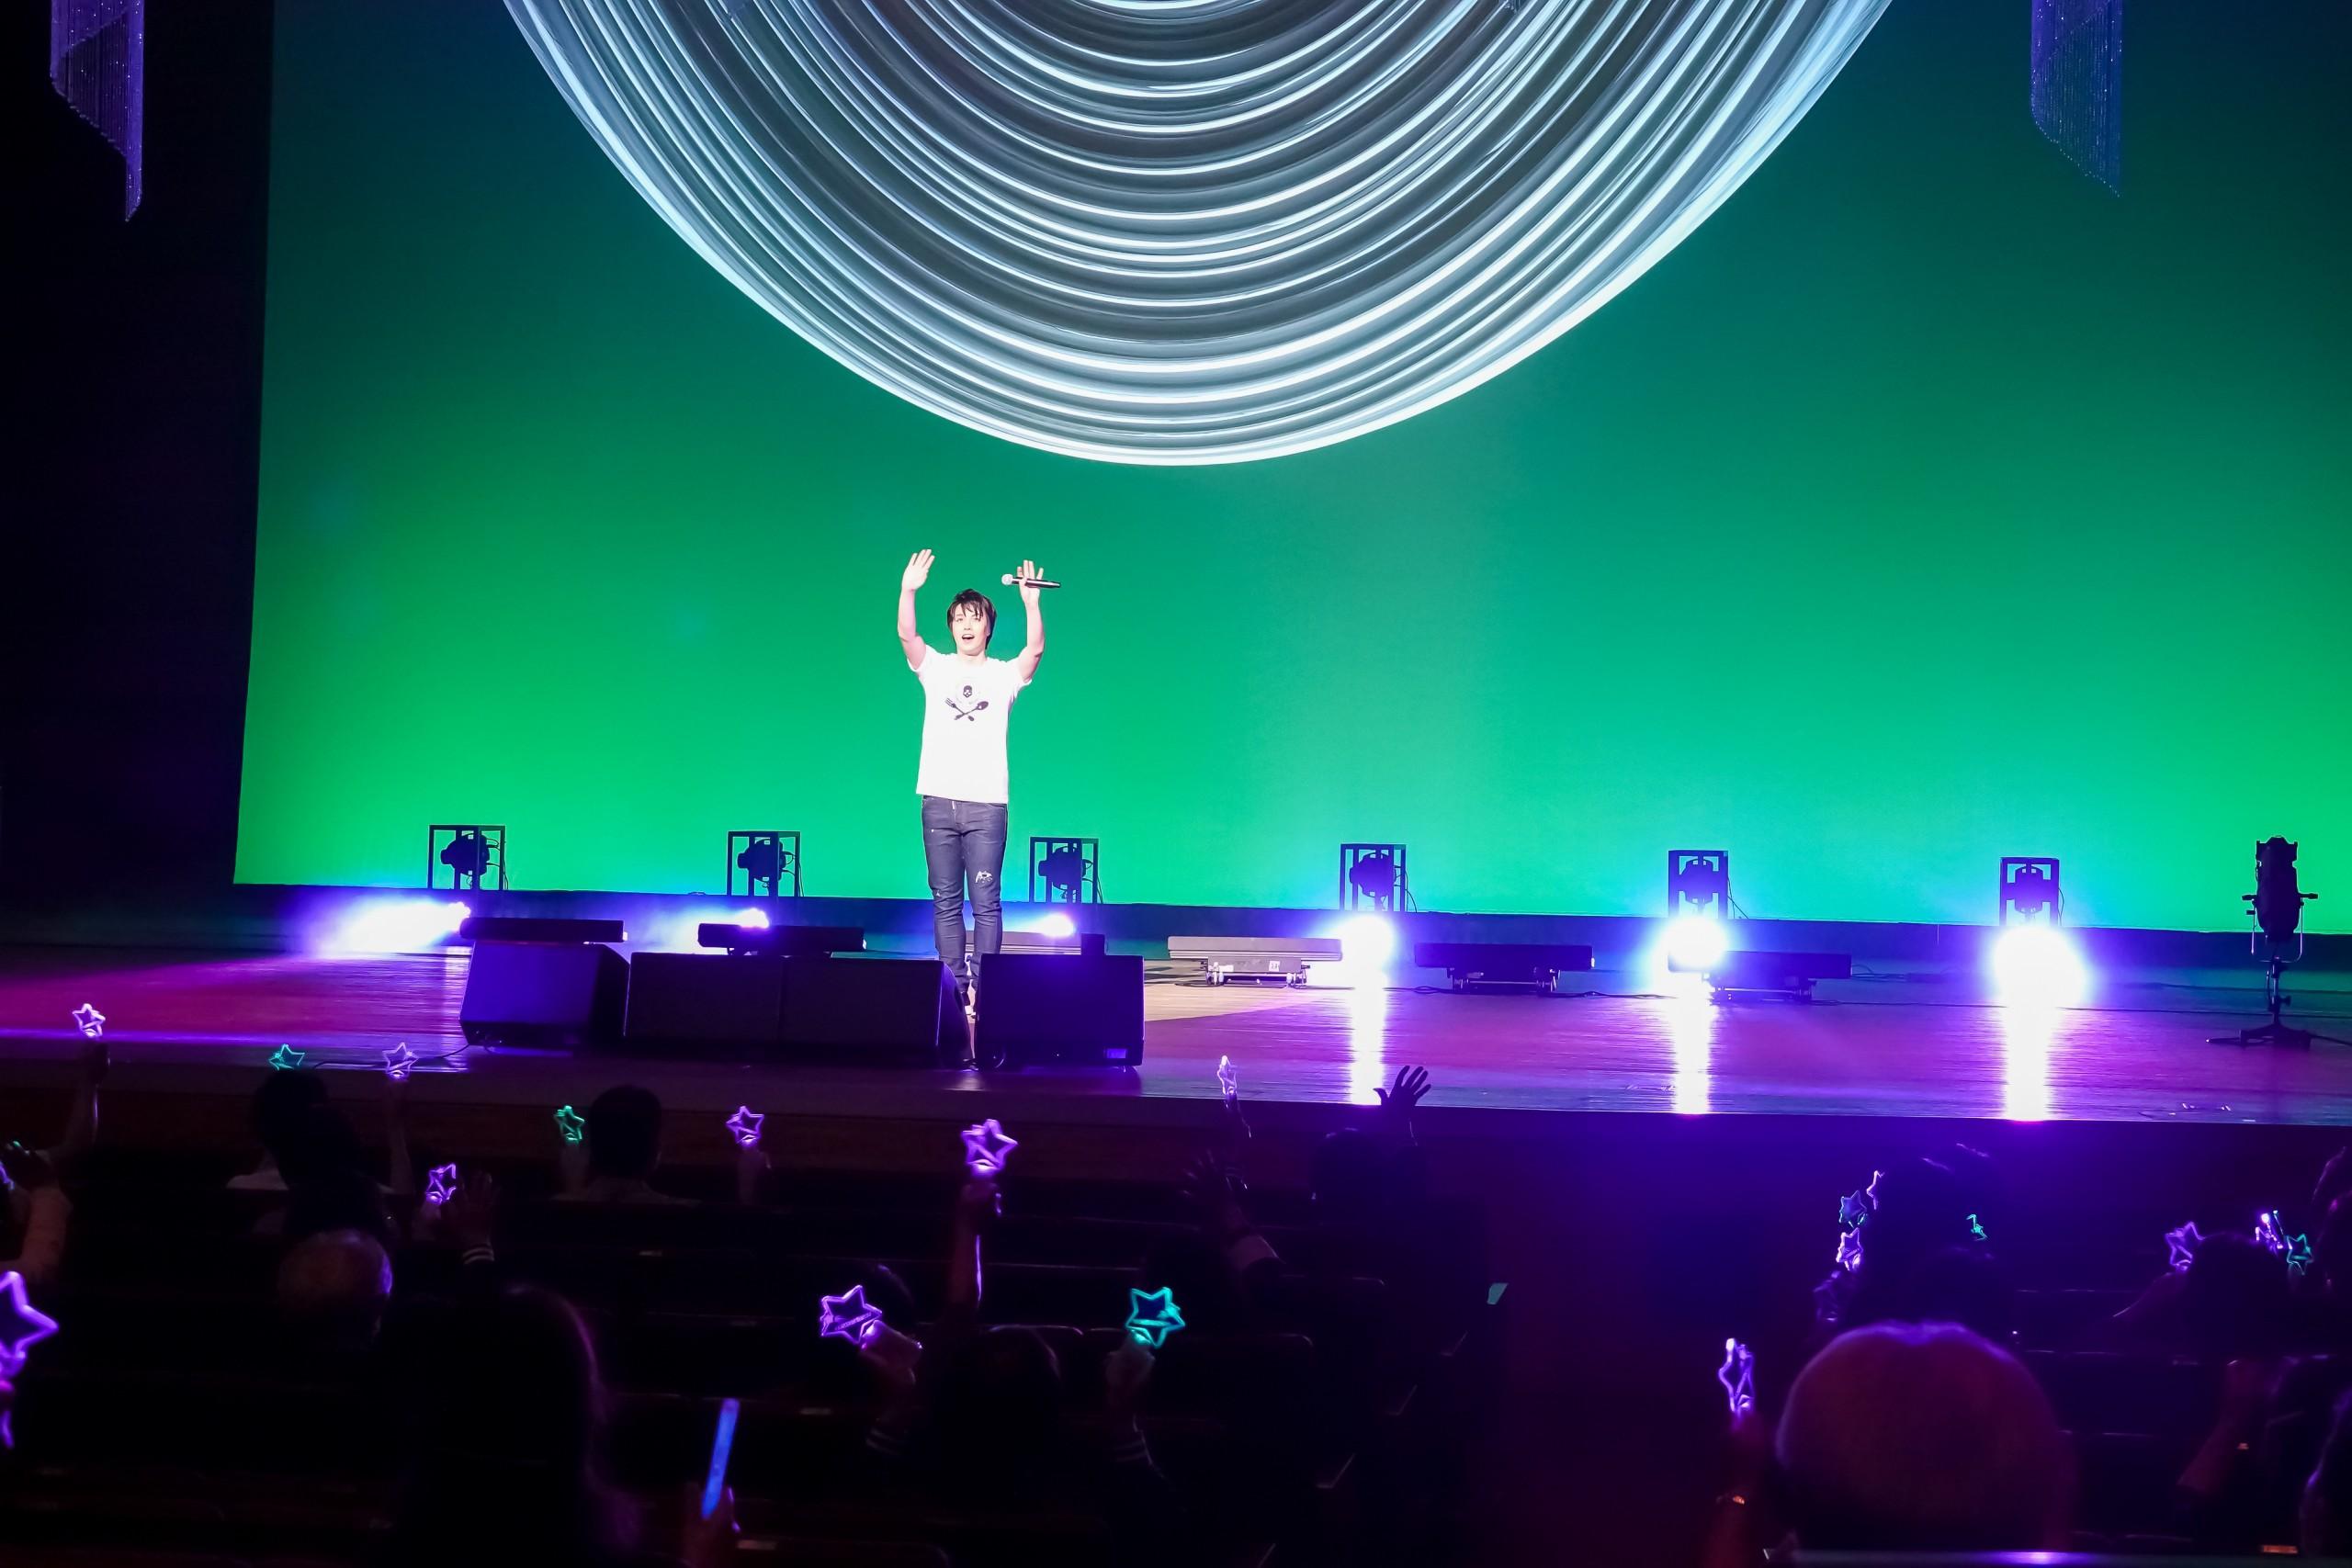 松尾雄史 8周年記念コンサート2021 in 練馬文化センター大ホール